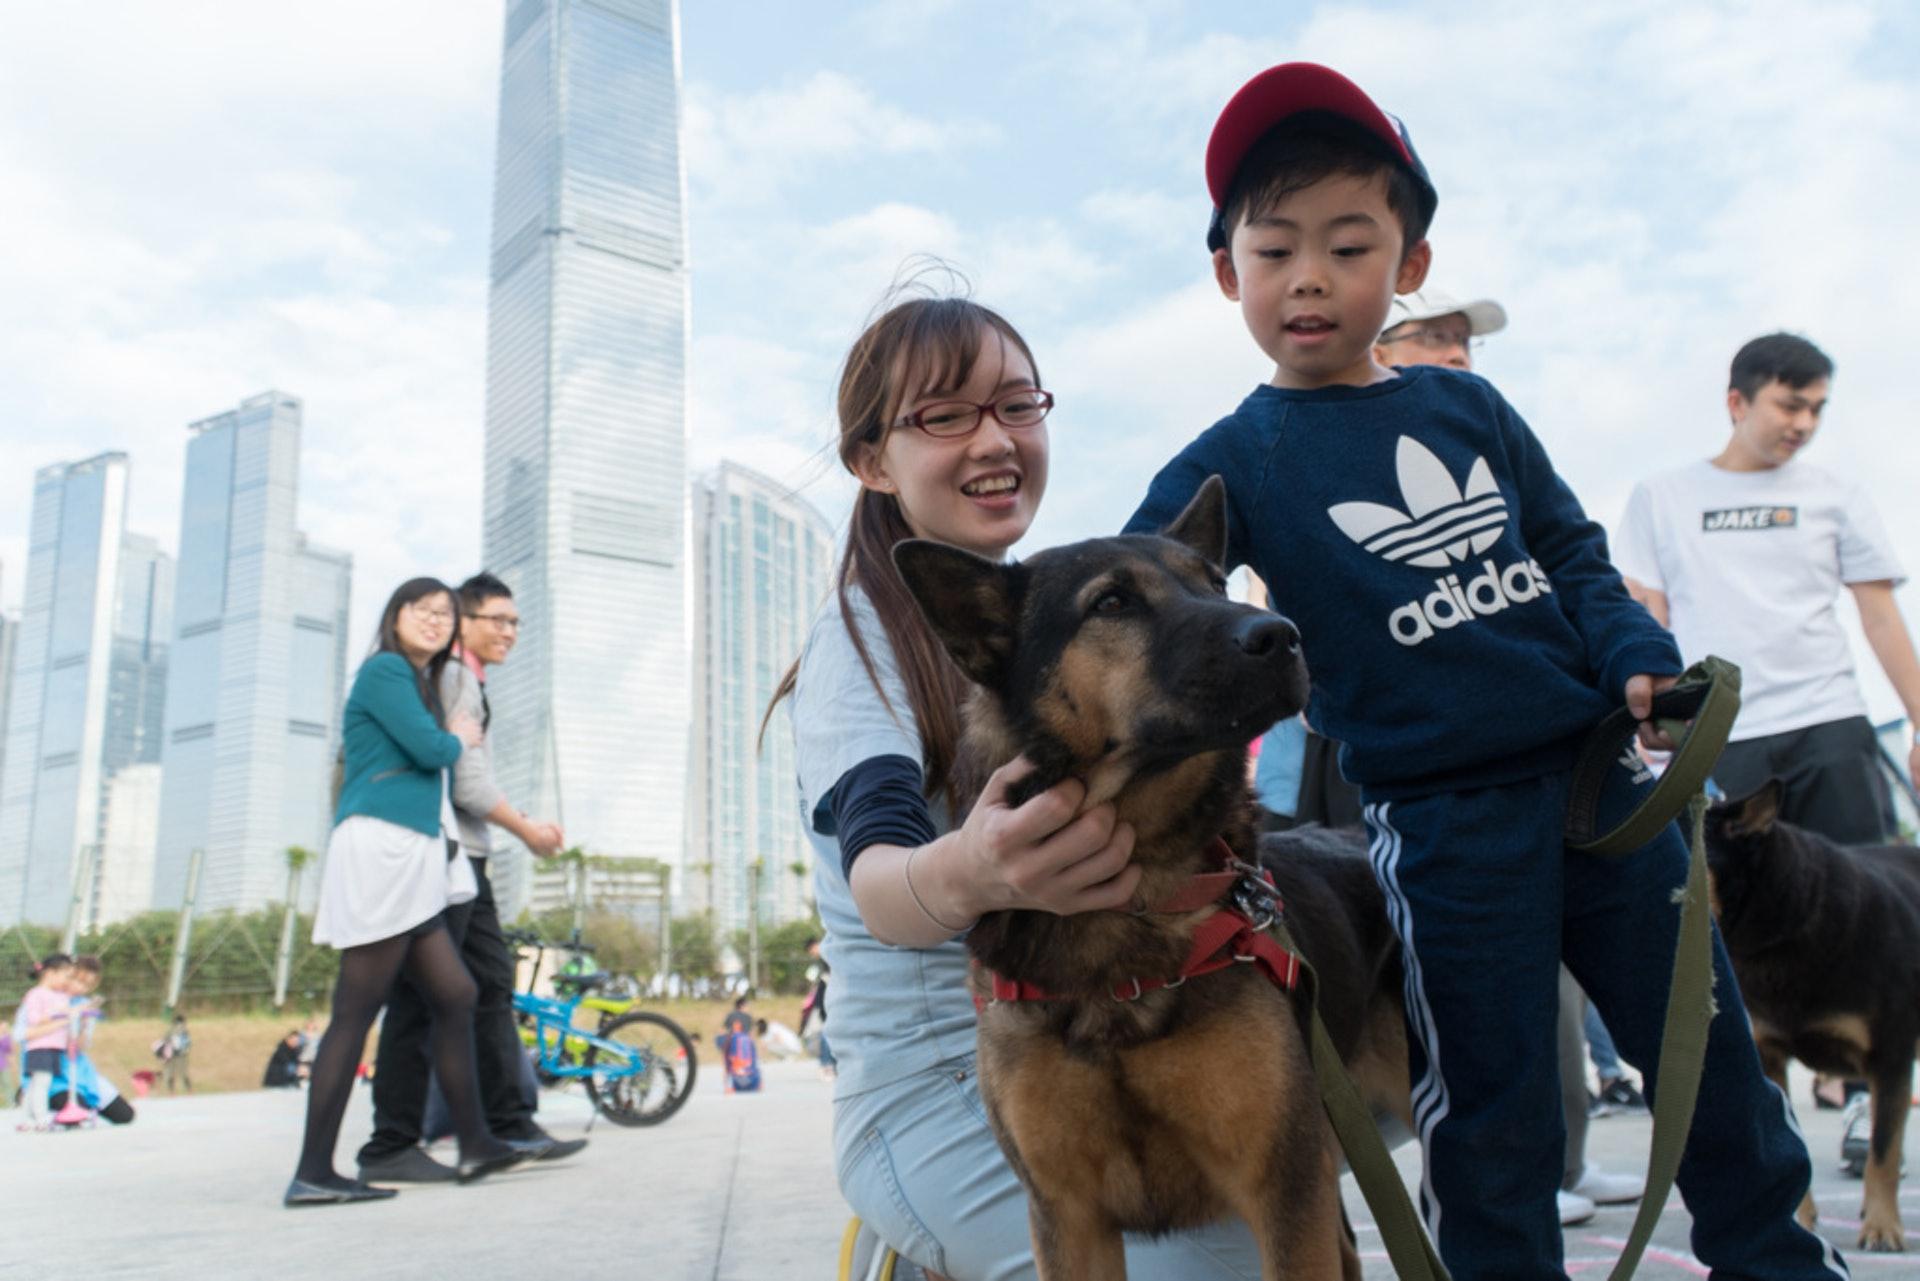 救狗之家的Eva指有非法繁殖場在修例繼續運作,期望準狗主可以領養代替購買。(資料圖片)